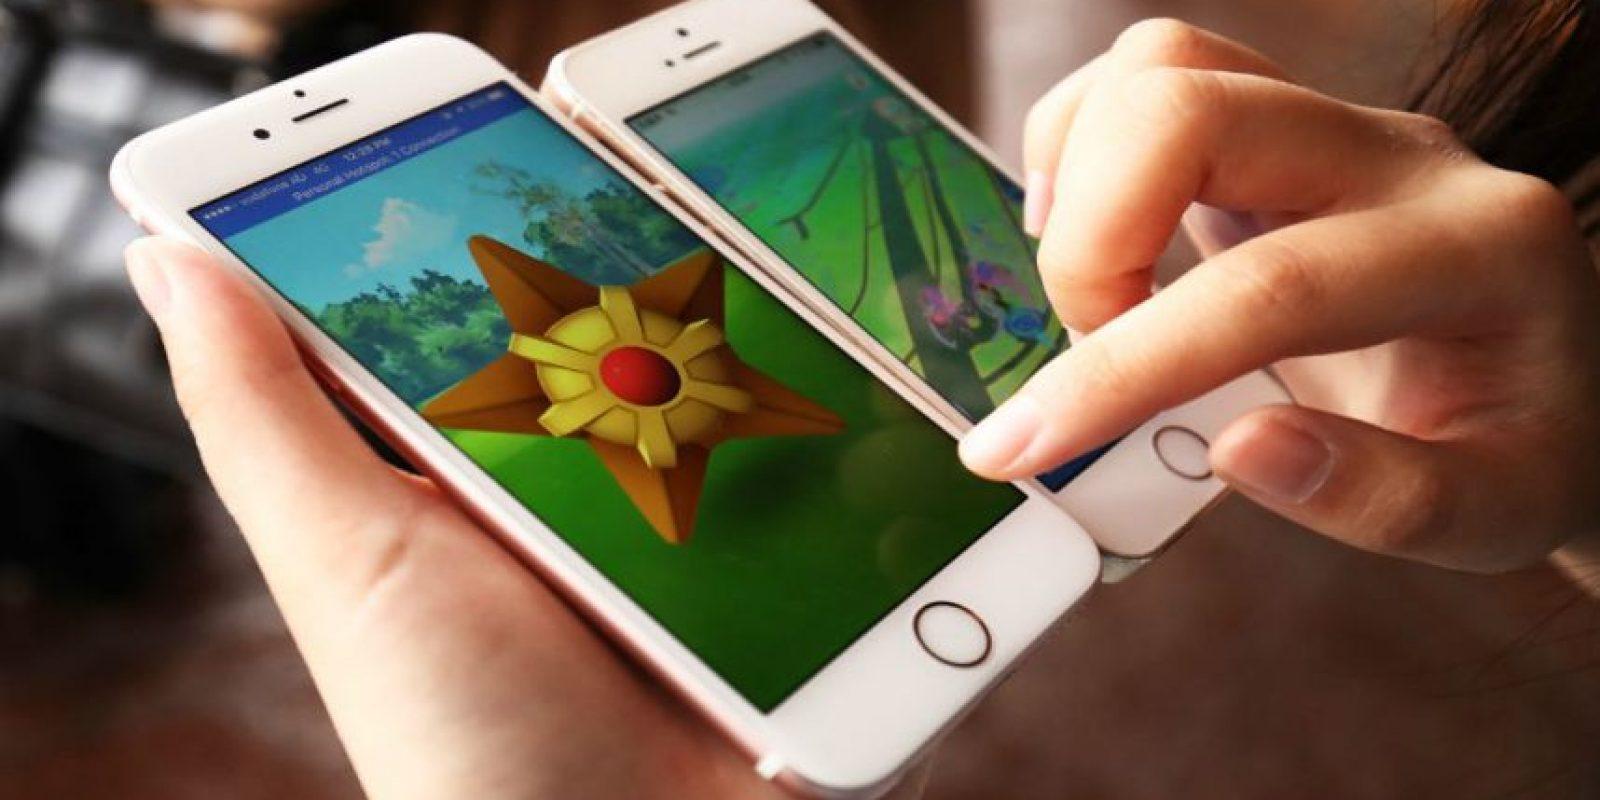 Este asistente les ayudará a saber cuáles pokémon valen la pena. Foto:Getty Images. Imagen Por: